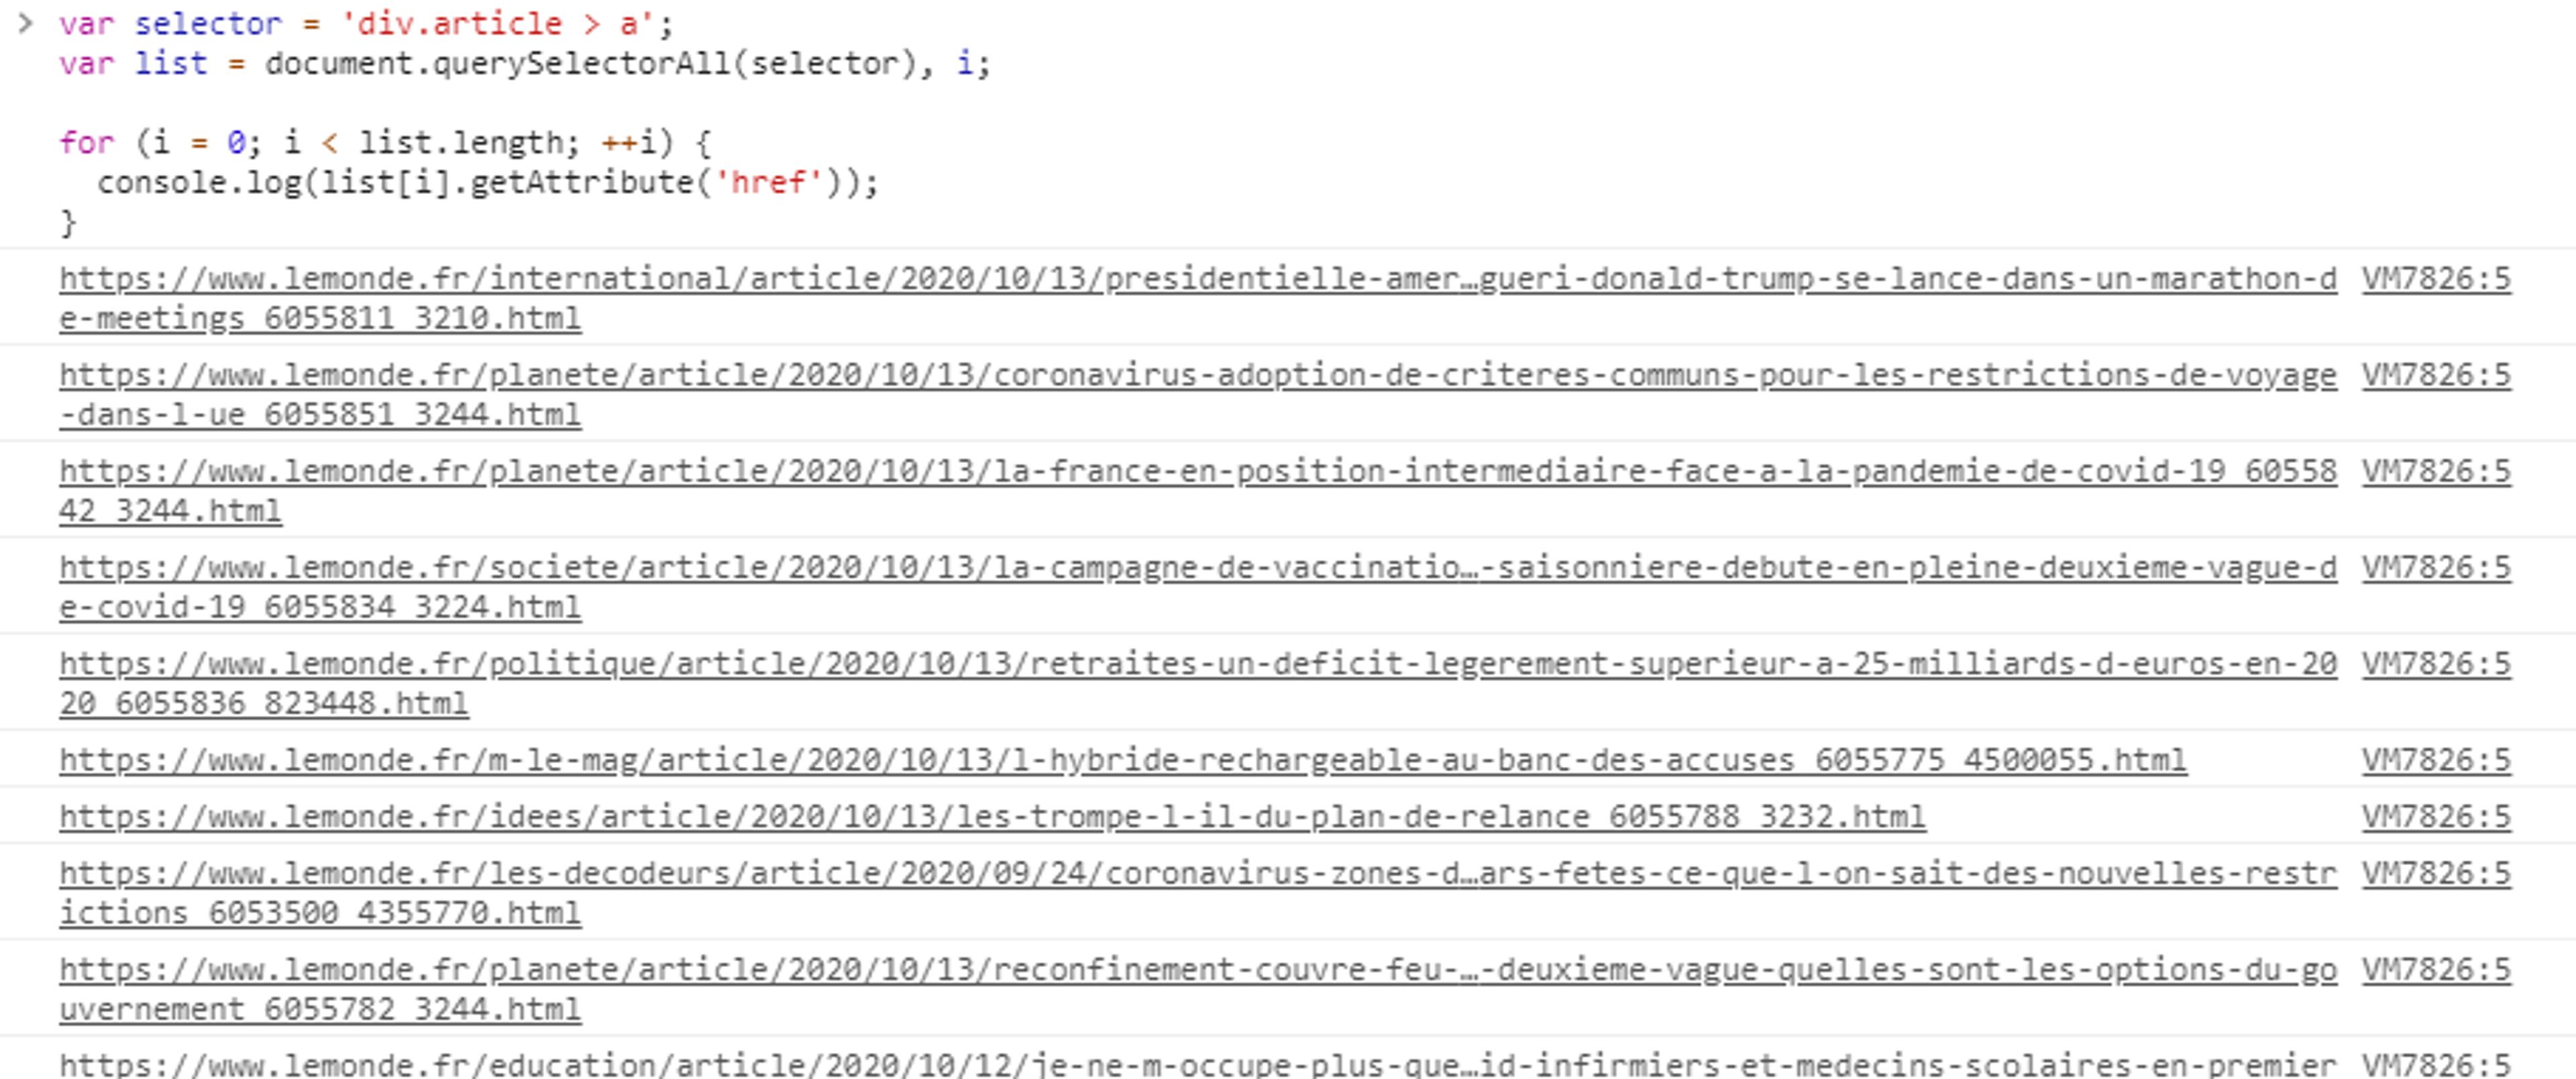 En faisant le test sur la console de notre navigateur, on voit que notre script nous permet bien de récupérer l'ensemble des liens des articles